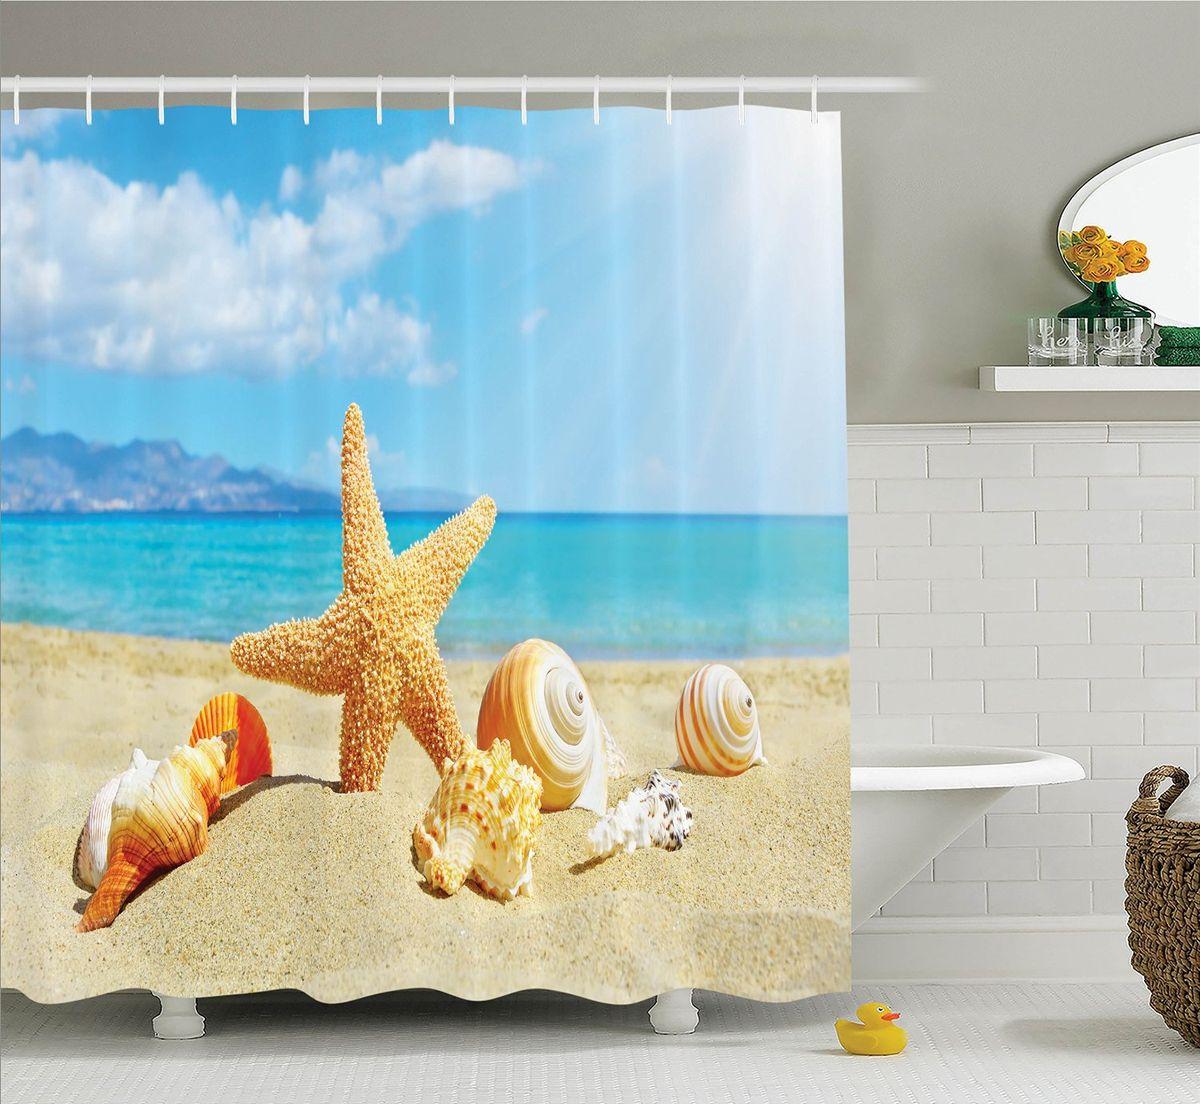 Штора для ванной комнаты Magic Lady Ракушки на пляже, 180 х 200 см531-105Компания Сэмболь изготавливает шторы из высококачественного сатена (полиэстер 100%). При изготовлении используются специальные гипоаллергенные чернила для прямой печати по ткани, безопасные для человека и животных. Экологичность продукции Magic lady и безопасность для окружающей среды подтверждены сертификатом Oeko-Tex Standard 100. Крепление: крючки (12 шт.). Внимание! При нанесении сублимационной печати на ткань технологическим методом при температуре 240 С, возможно отклонение полученных размеров, указанных на этикетке и сайте, от стандартных на + - 3-5 см. Мы стараемся максимально точно передать цвета изделия на наших фотографиях, однако искажения неизбежны и фактический цвет изделия может отличаться от воспринимаемого по фото. Обратите внимание! Шторы изготовлены из полиэстра сатенового переплетения, а не из сатина (хлопок). Размер шторы 180*200 см. В комплекте 1 штора и 12 крючков.